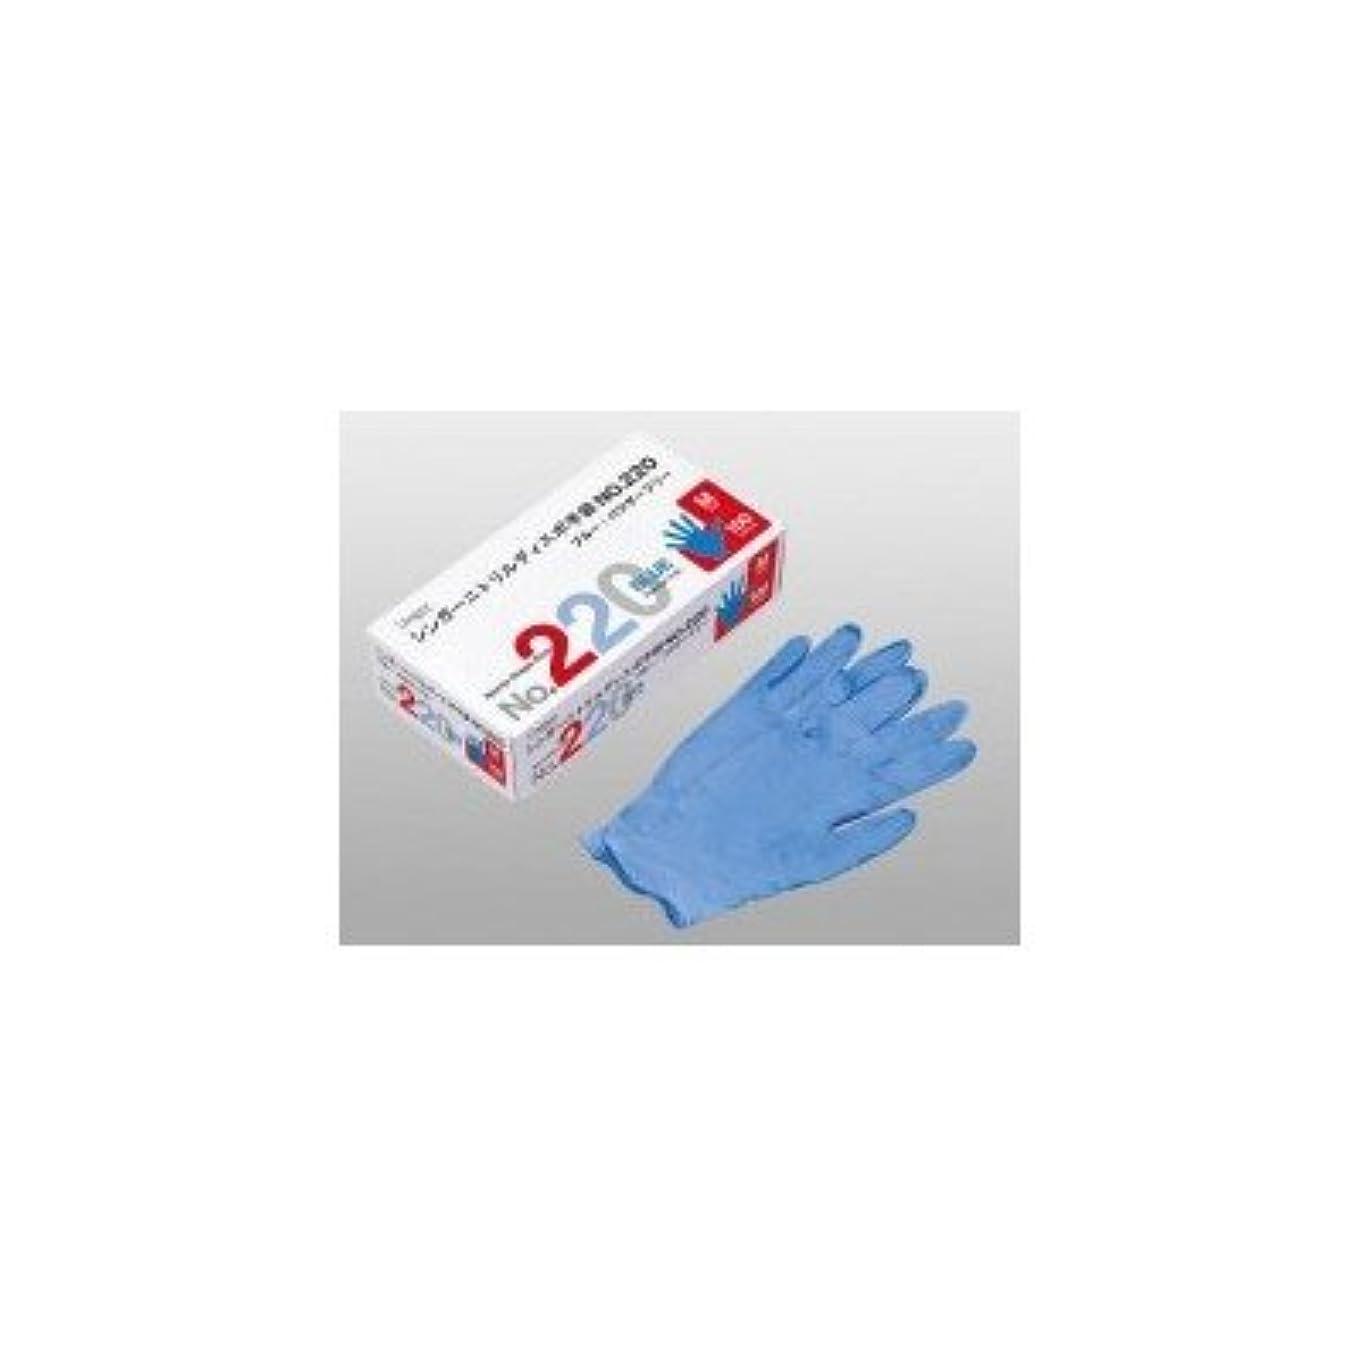 陸軍衝突するシガレットシンガーニトリルディスポ手袋 No.220 ブルー パウダーフリー(100枚) M( 画像はイメージ画像です お届けの商品はMのみとなります)